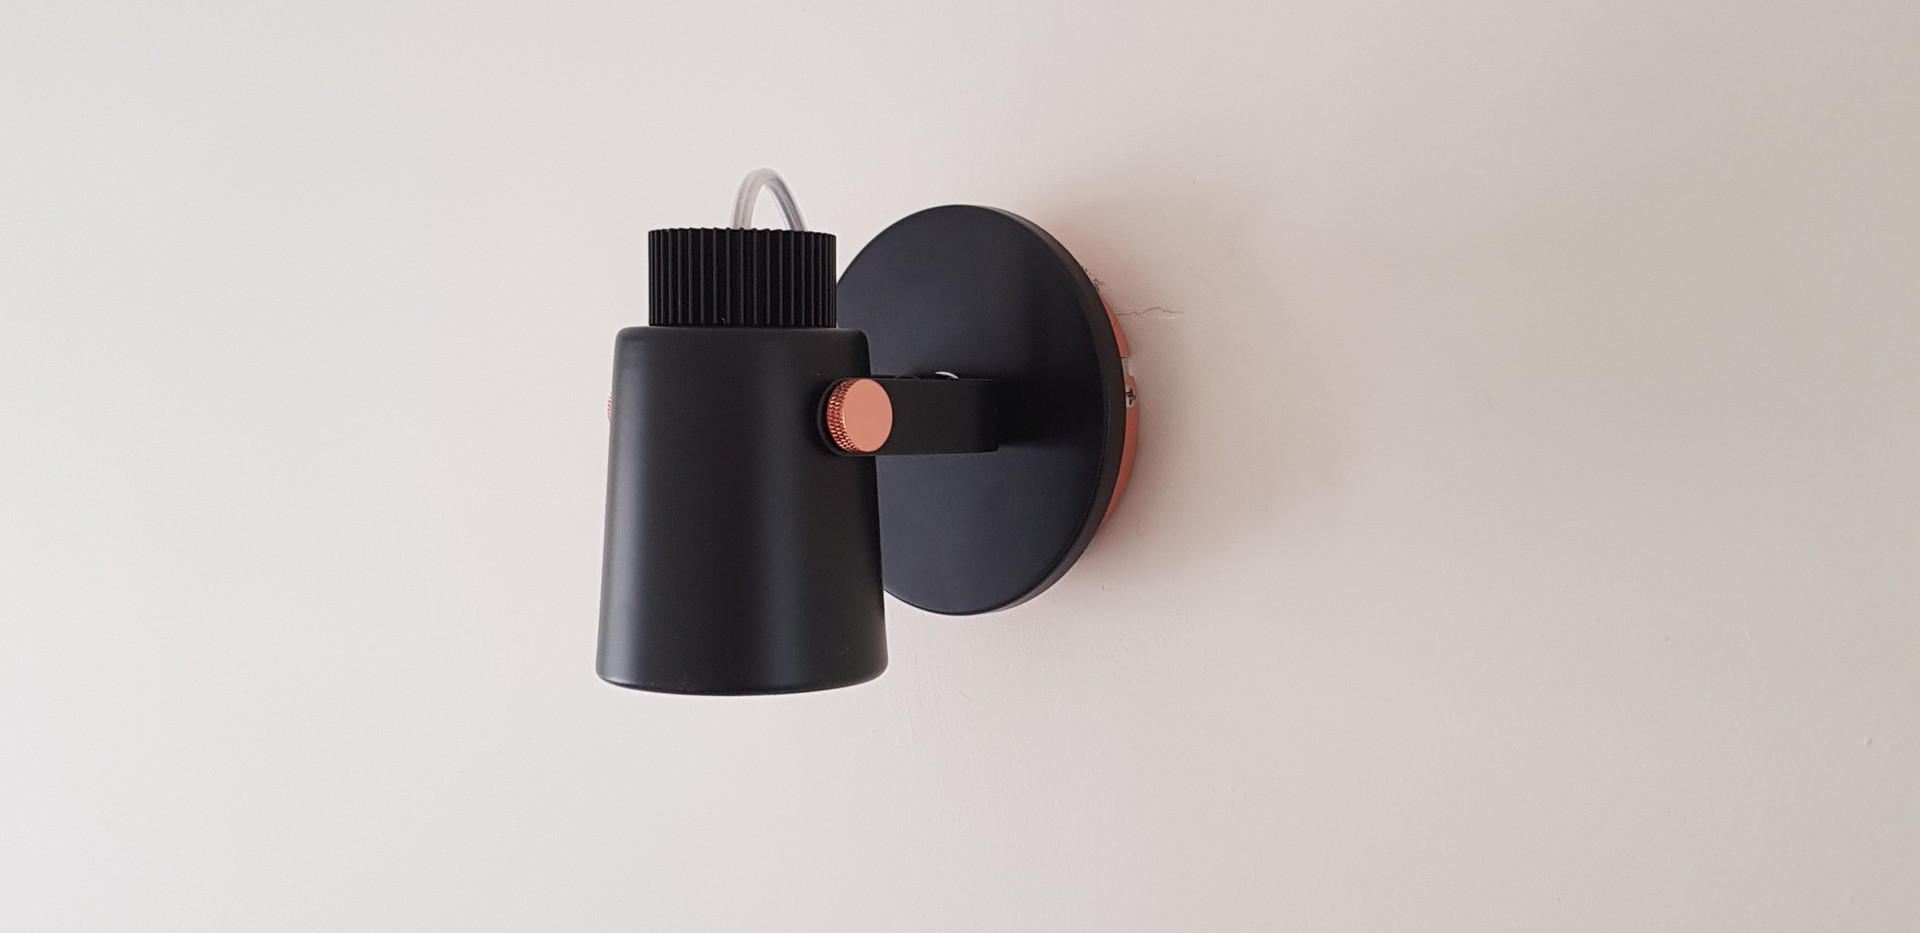 Wall light fitting insatllation